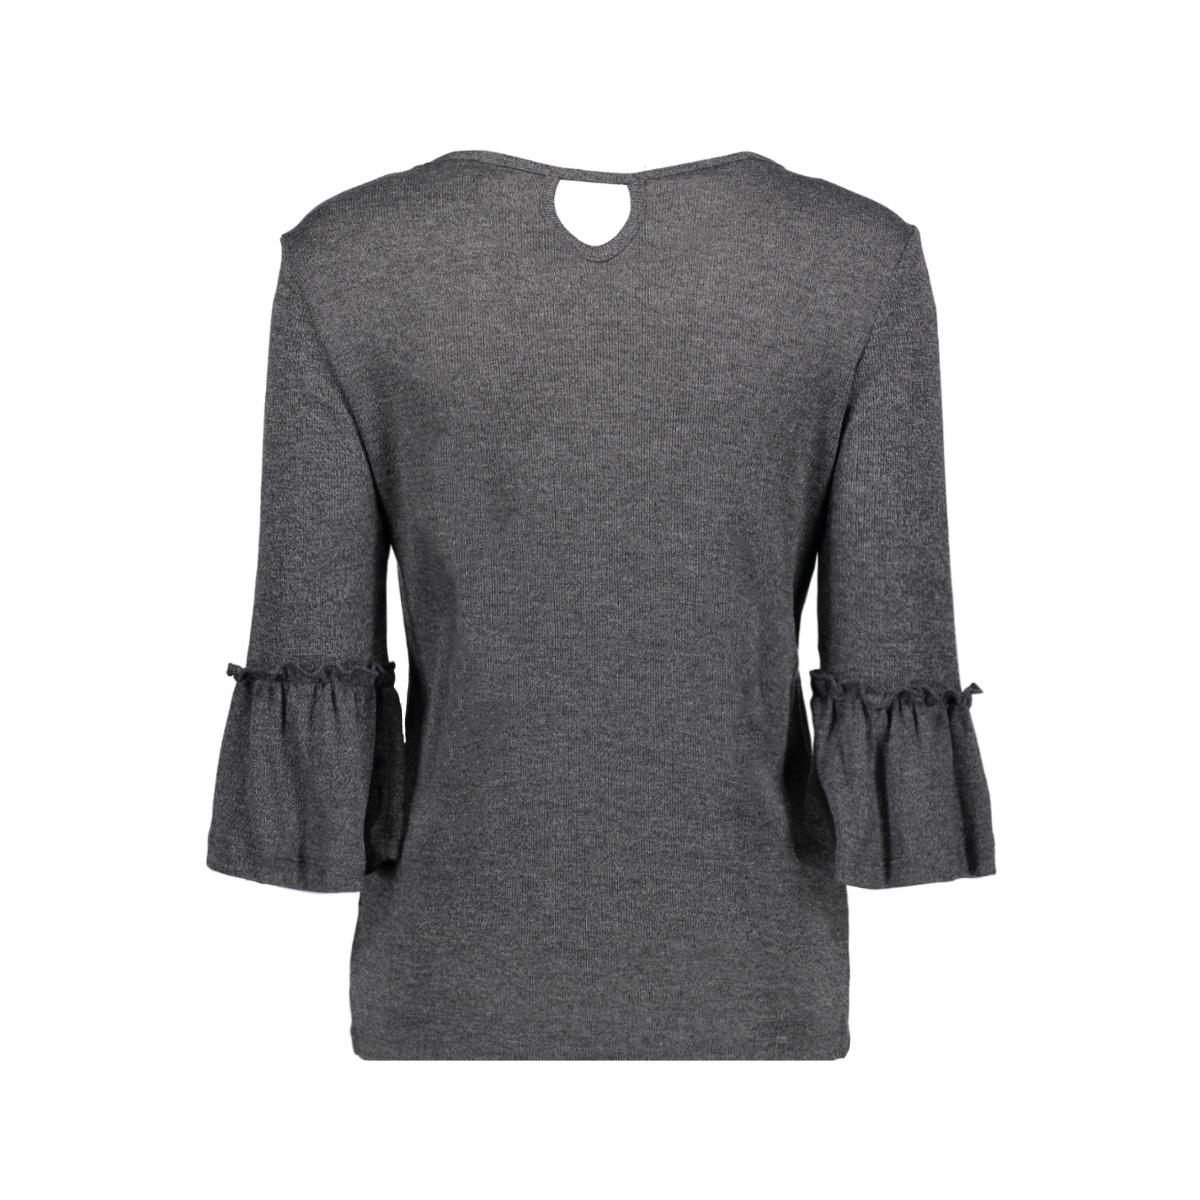 127ee1k023 esprit t-shirt e014